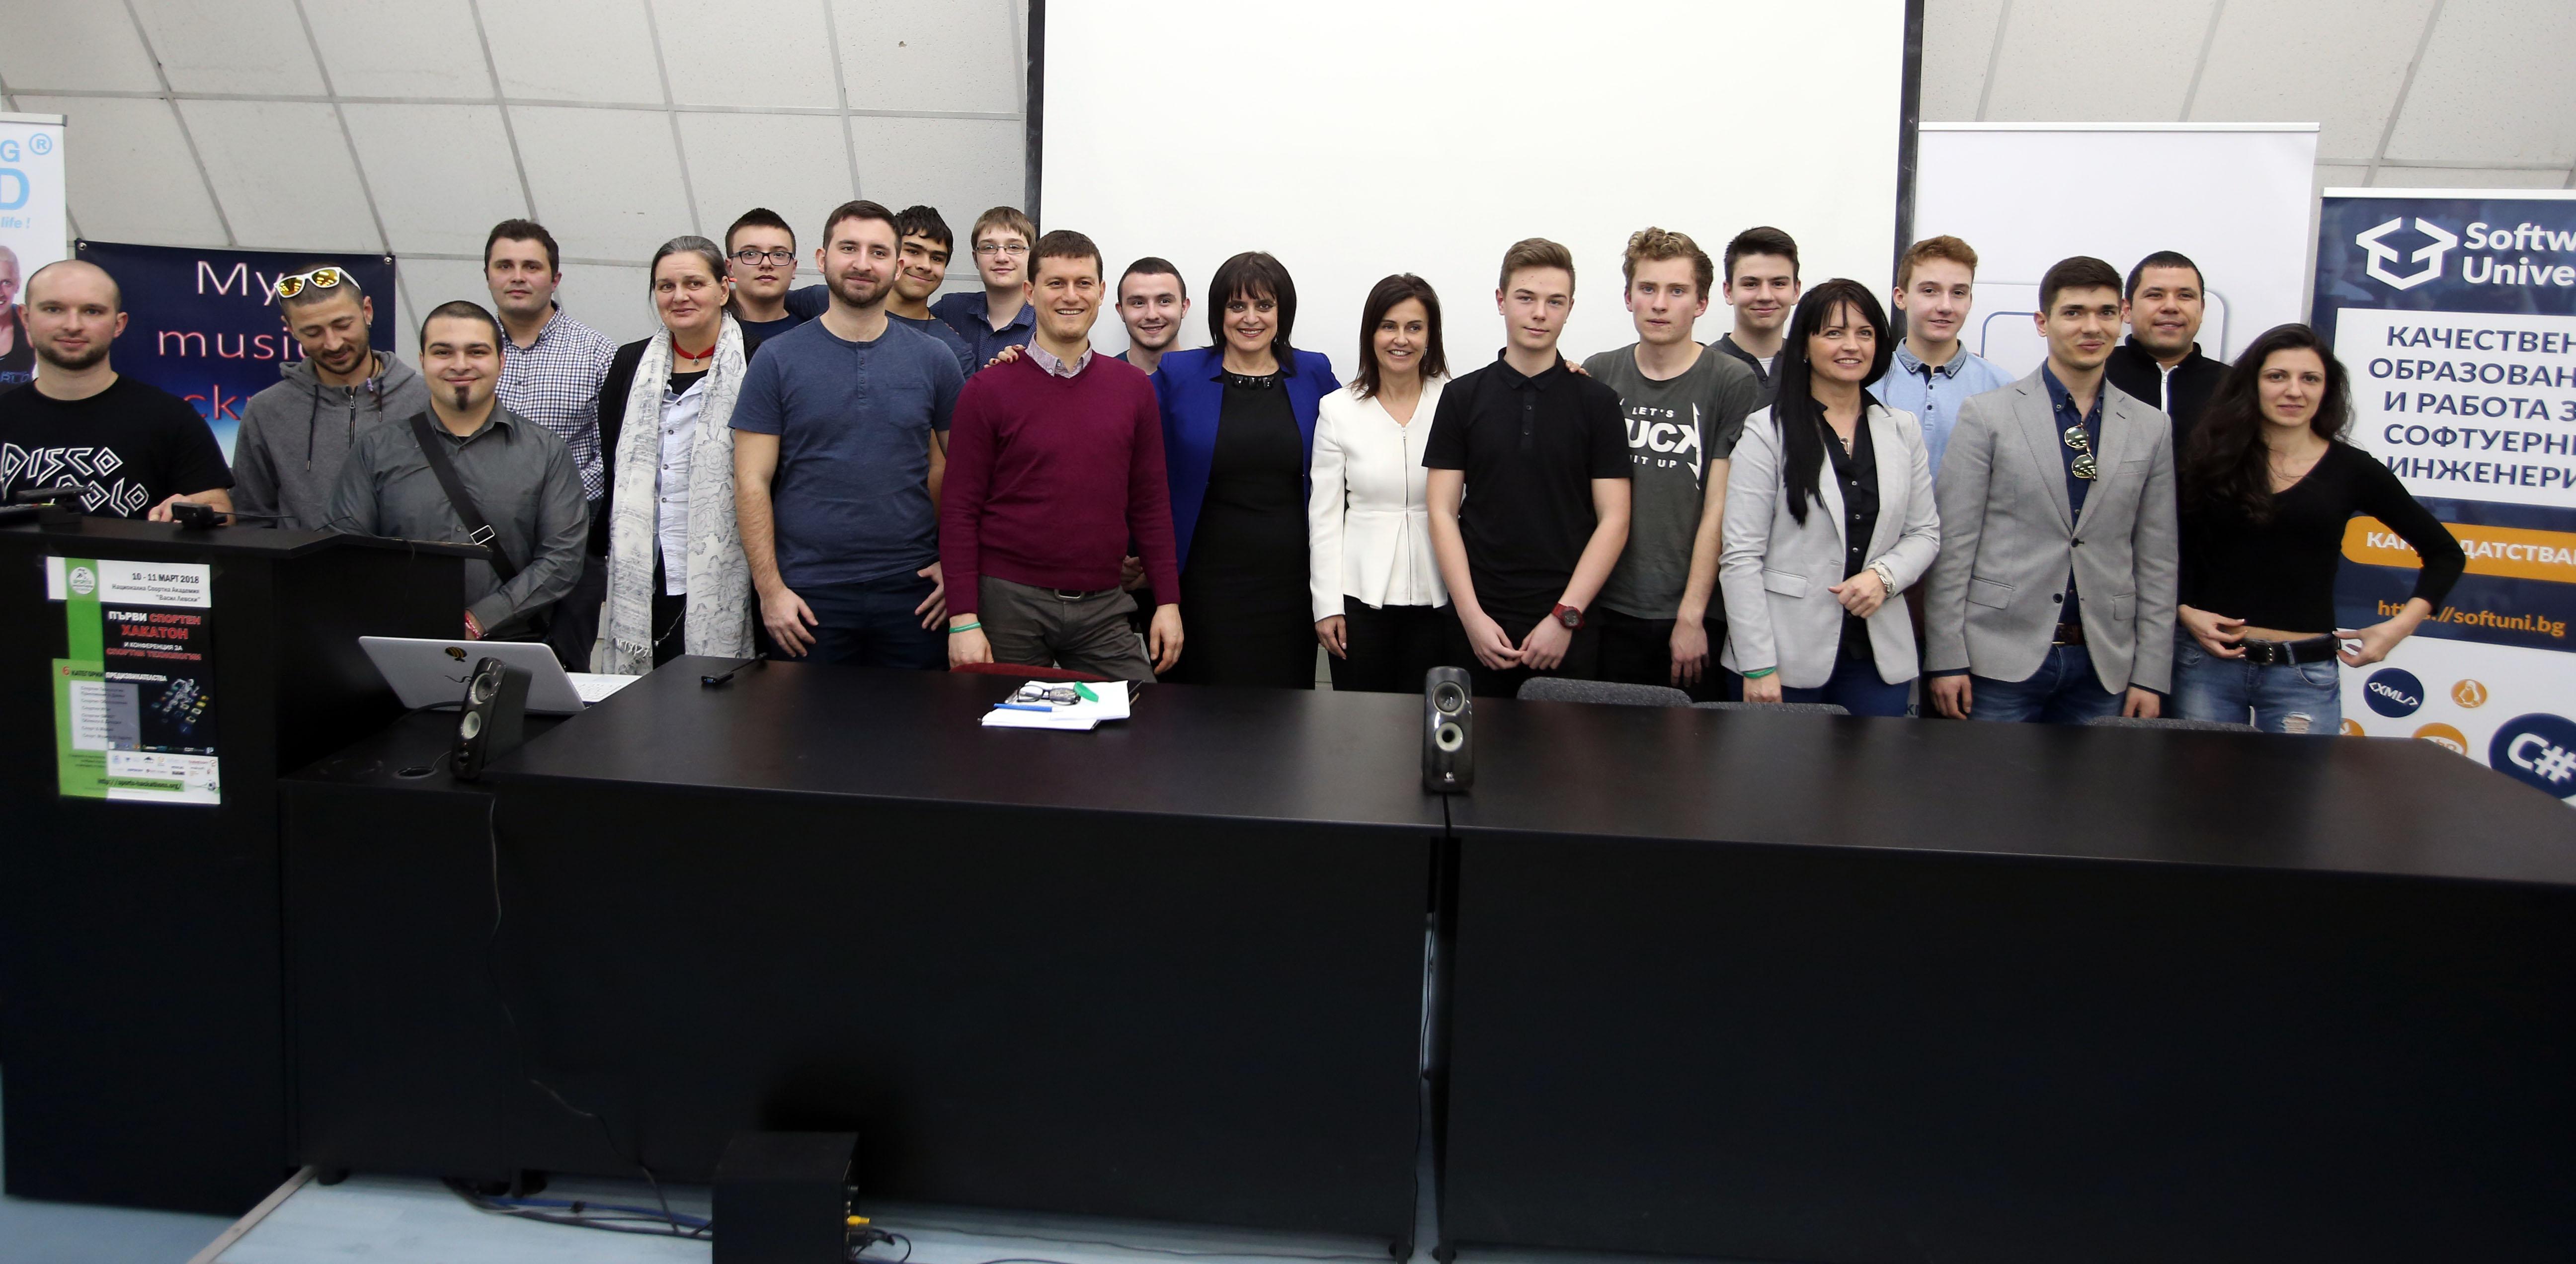 Ваня Колева, заместник-министър на младежта и спорта, участва в журито